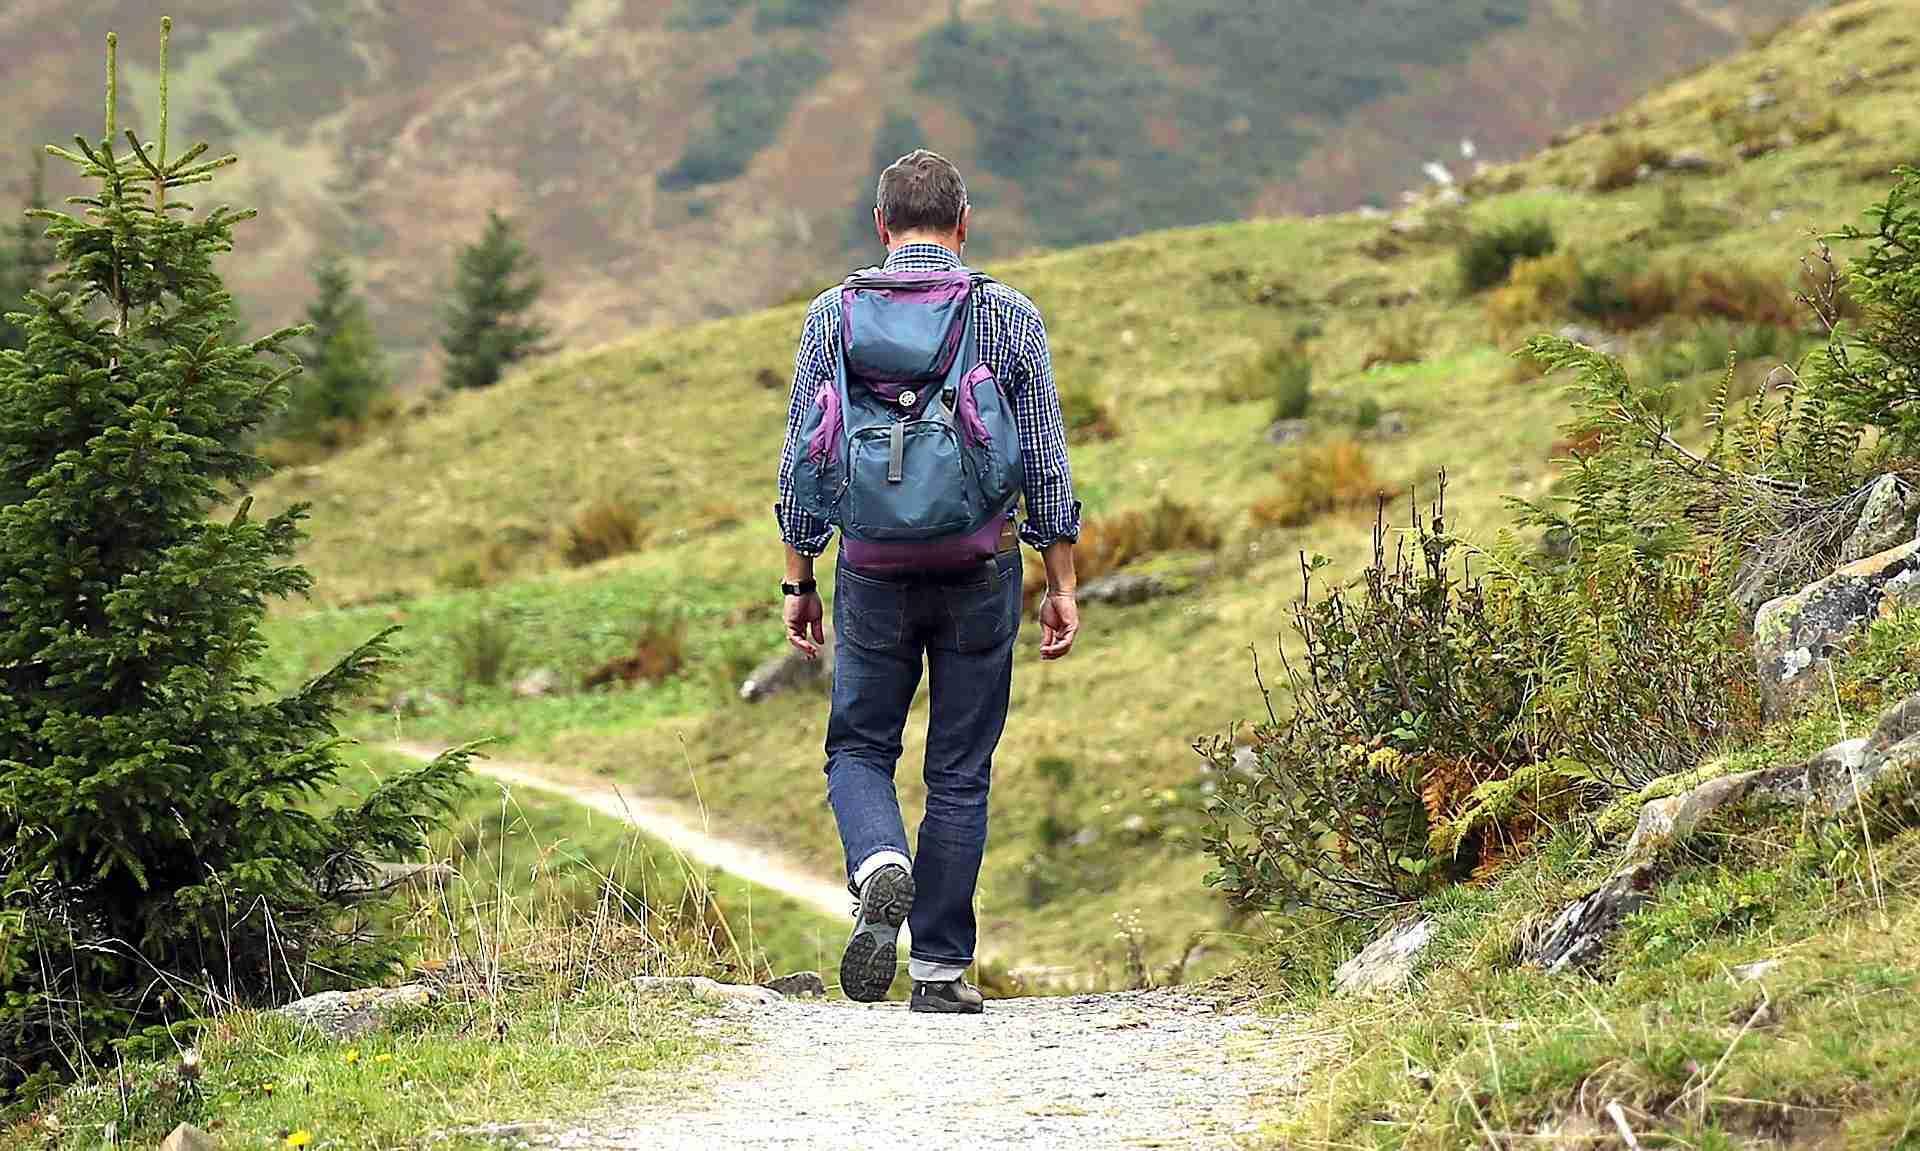 Rural Trail - Orienteering - Living Healthy Wealthy Wise